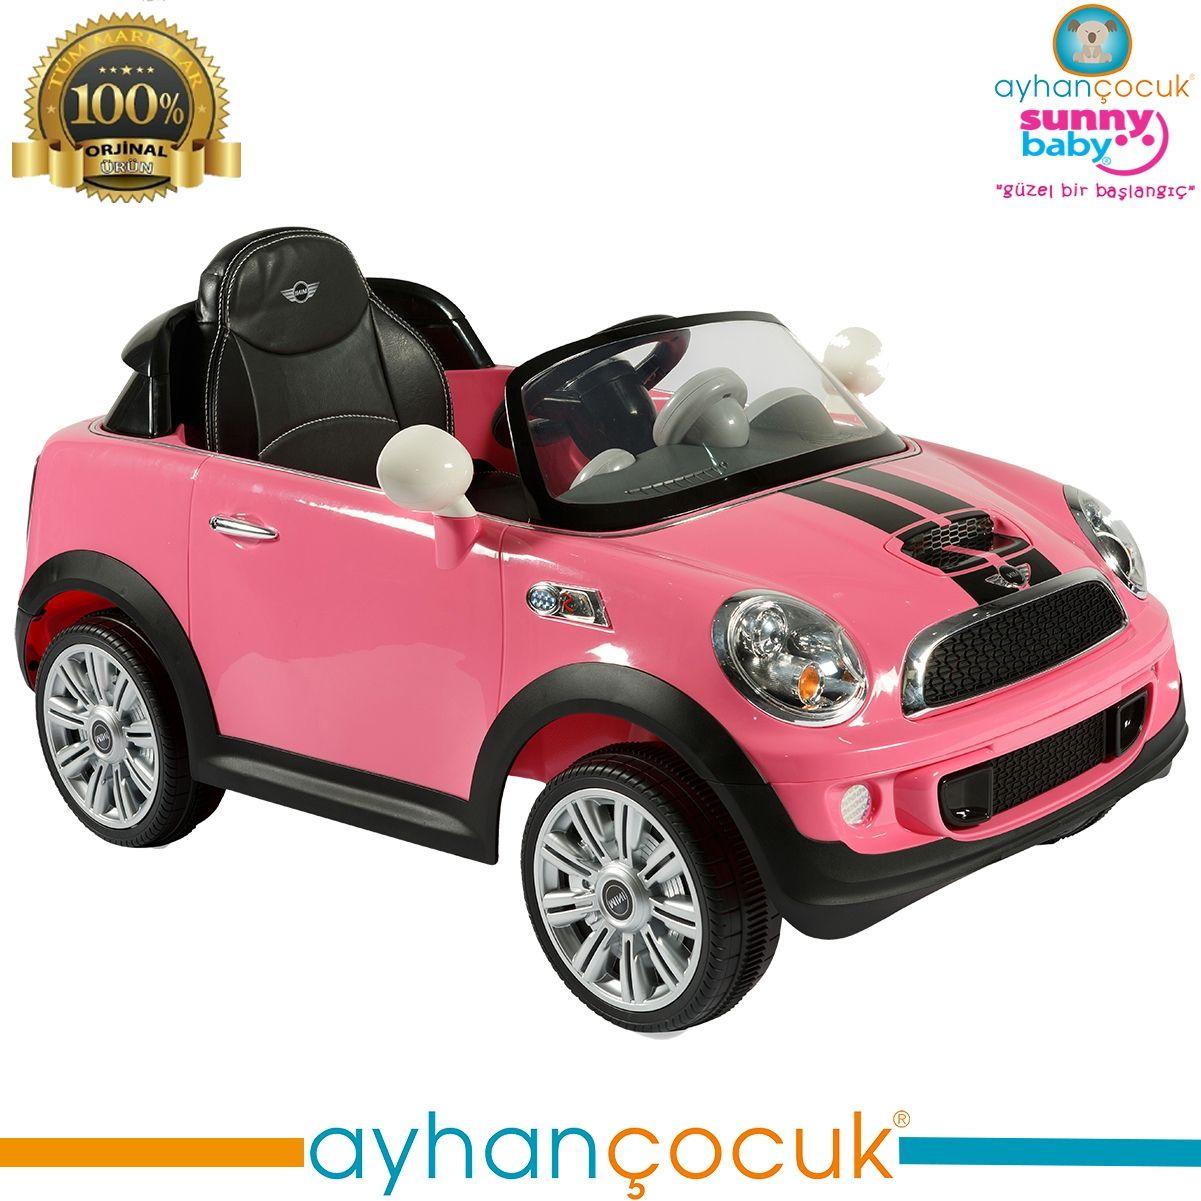 Sunny Baby Mini Cooper Coupr 12wolt Uzaktan Kumandali Akulu Araba Ayhan Cocuk Anne Ve Bebek Urunleri Magazasi Kampanyalar Bebek Urunleri Bebek Araba